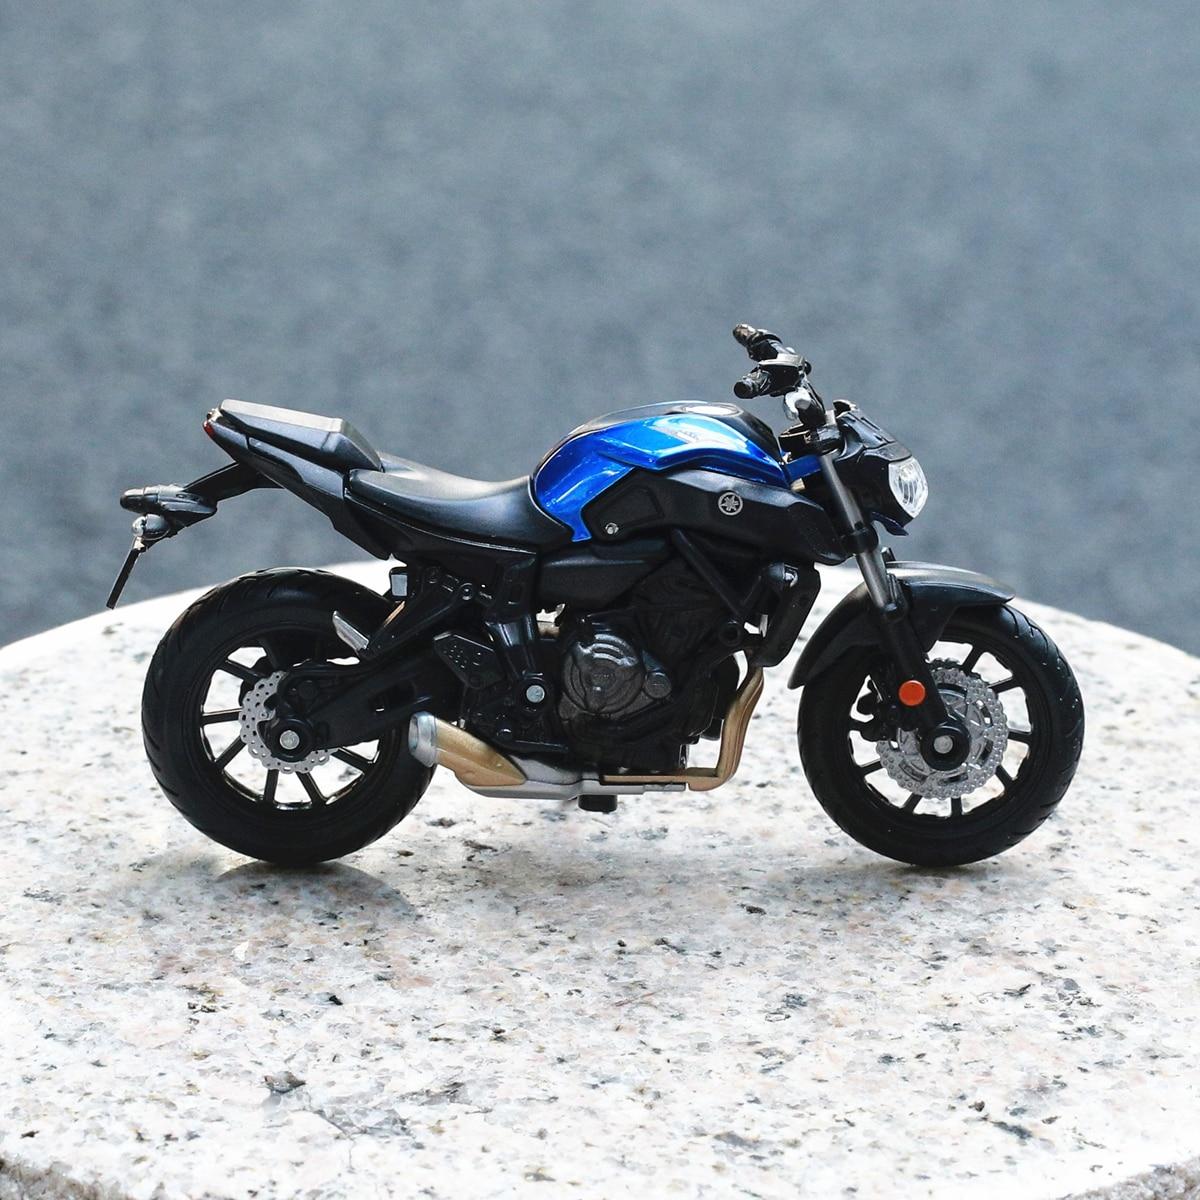 Модель мотоцикла Maisto 1:18 2018 YAMAHA MT-07, металлическая модель мотоцикла, коллекция игрушек, мини-подарок на мотоцикл